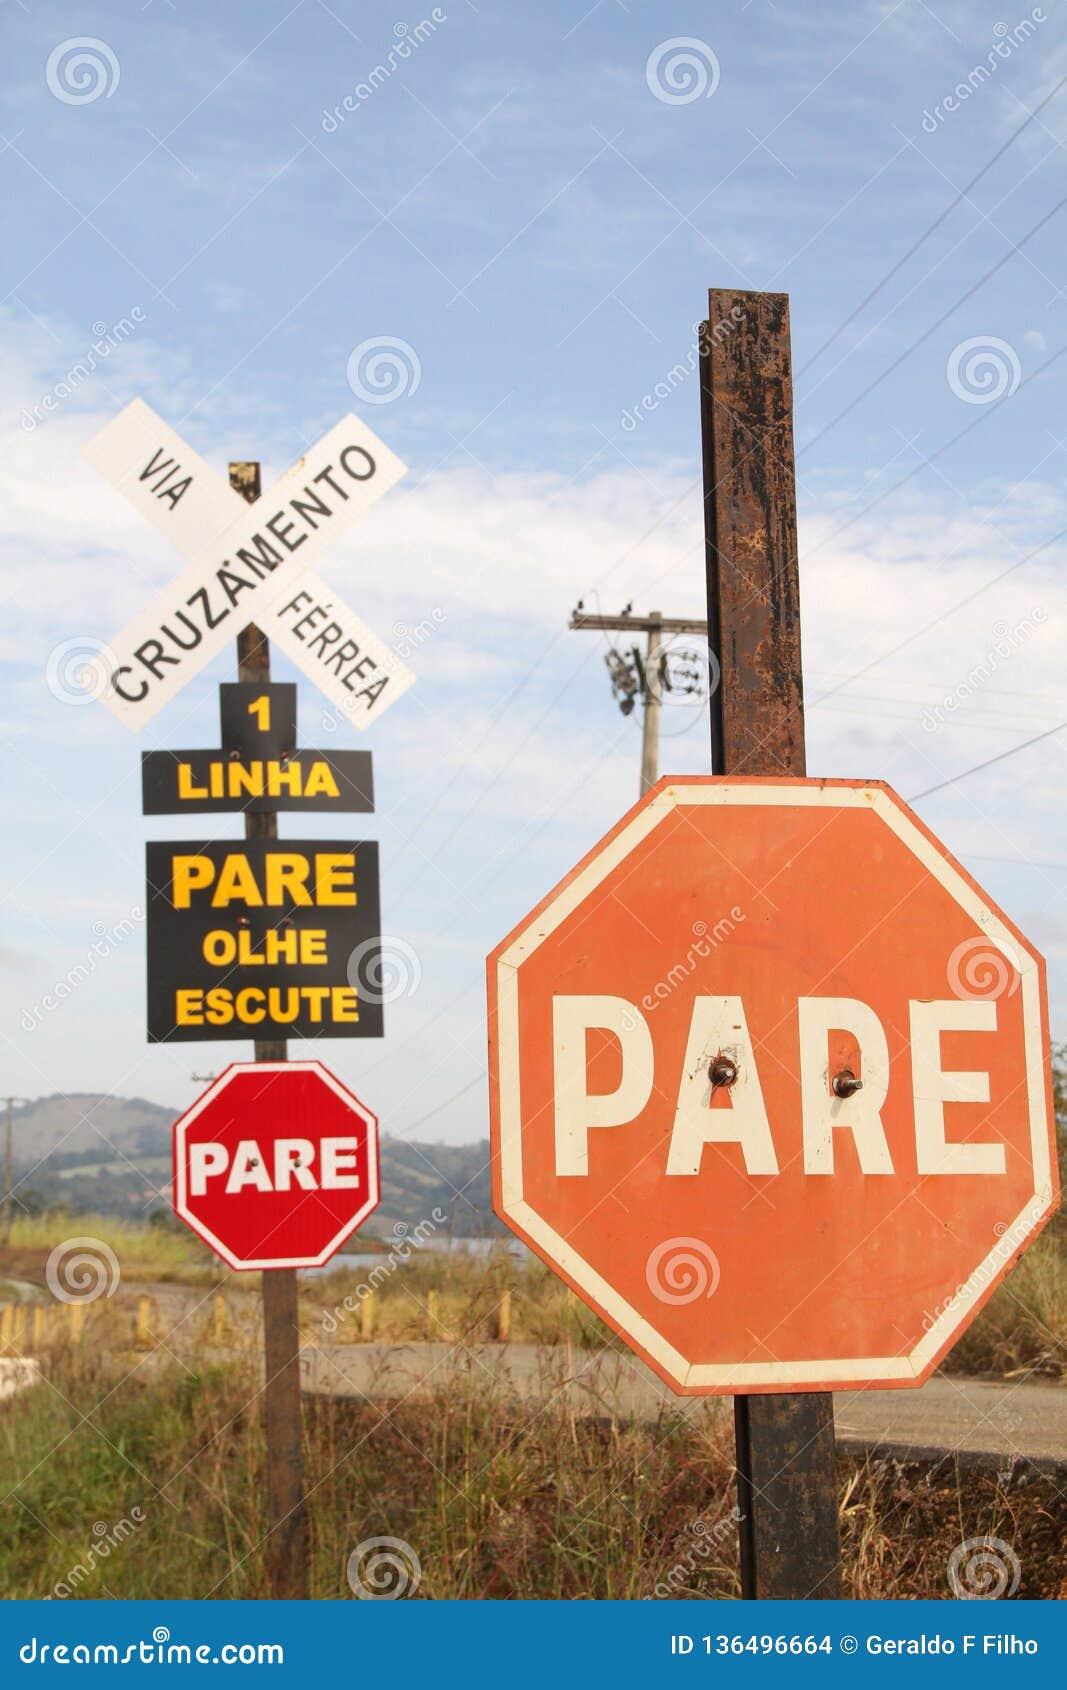 板材横穿通过ferrea高速公路Agnesio卡尔瓦略德索萨MG-335区Macaia Bom Sucesso米纳斯吉拉斯州巴西